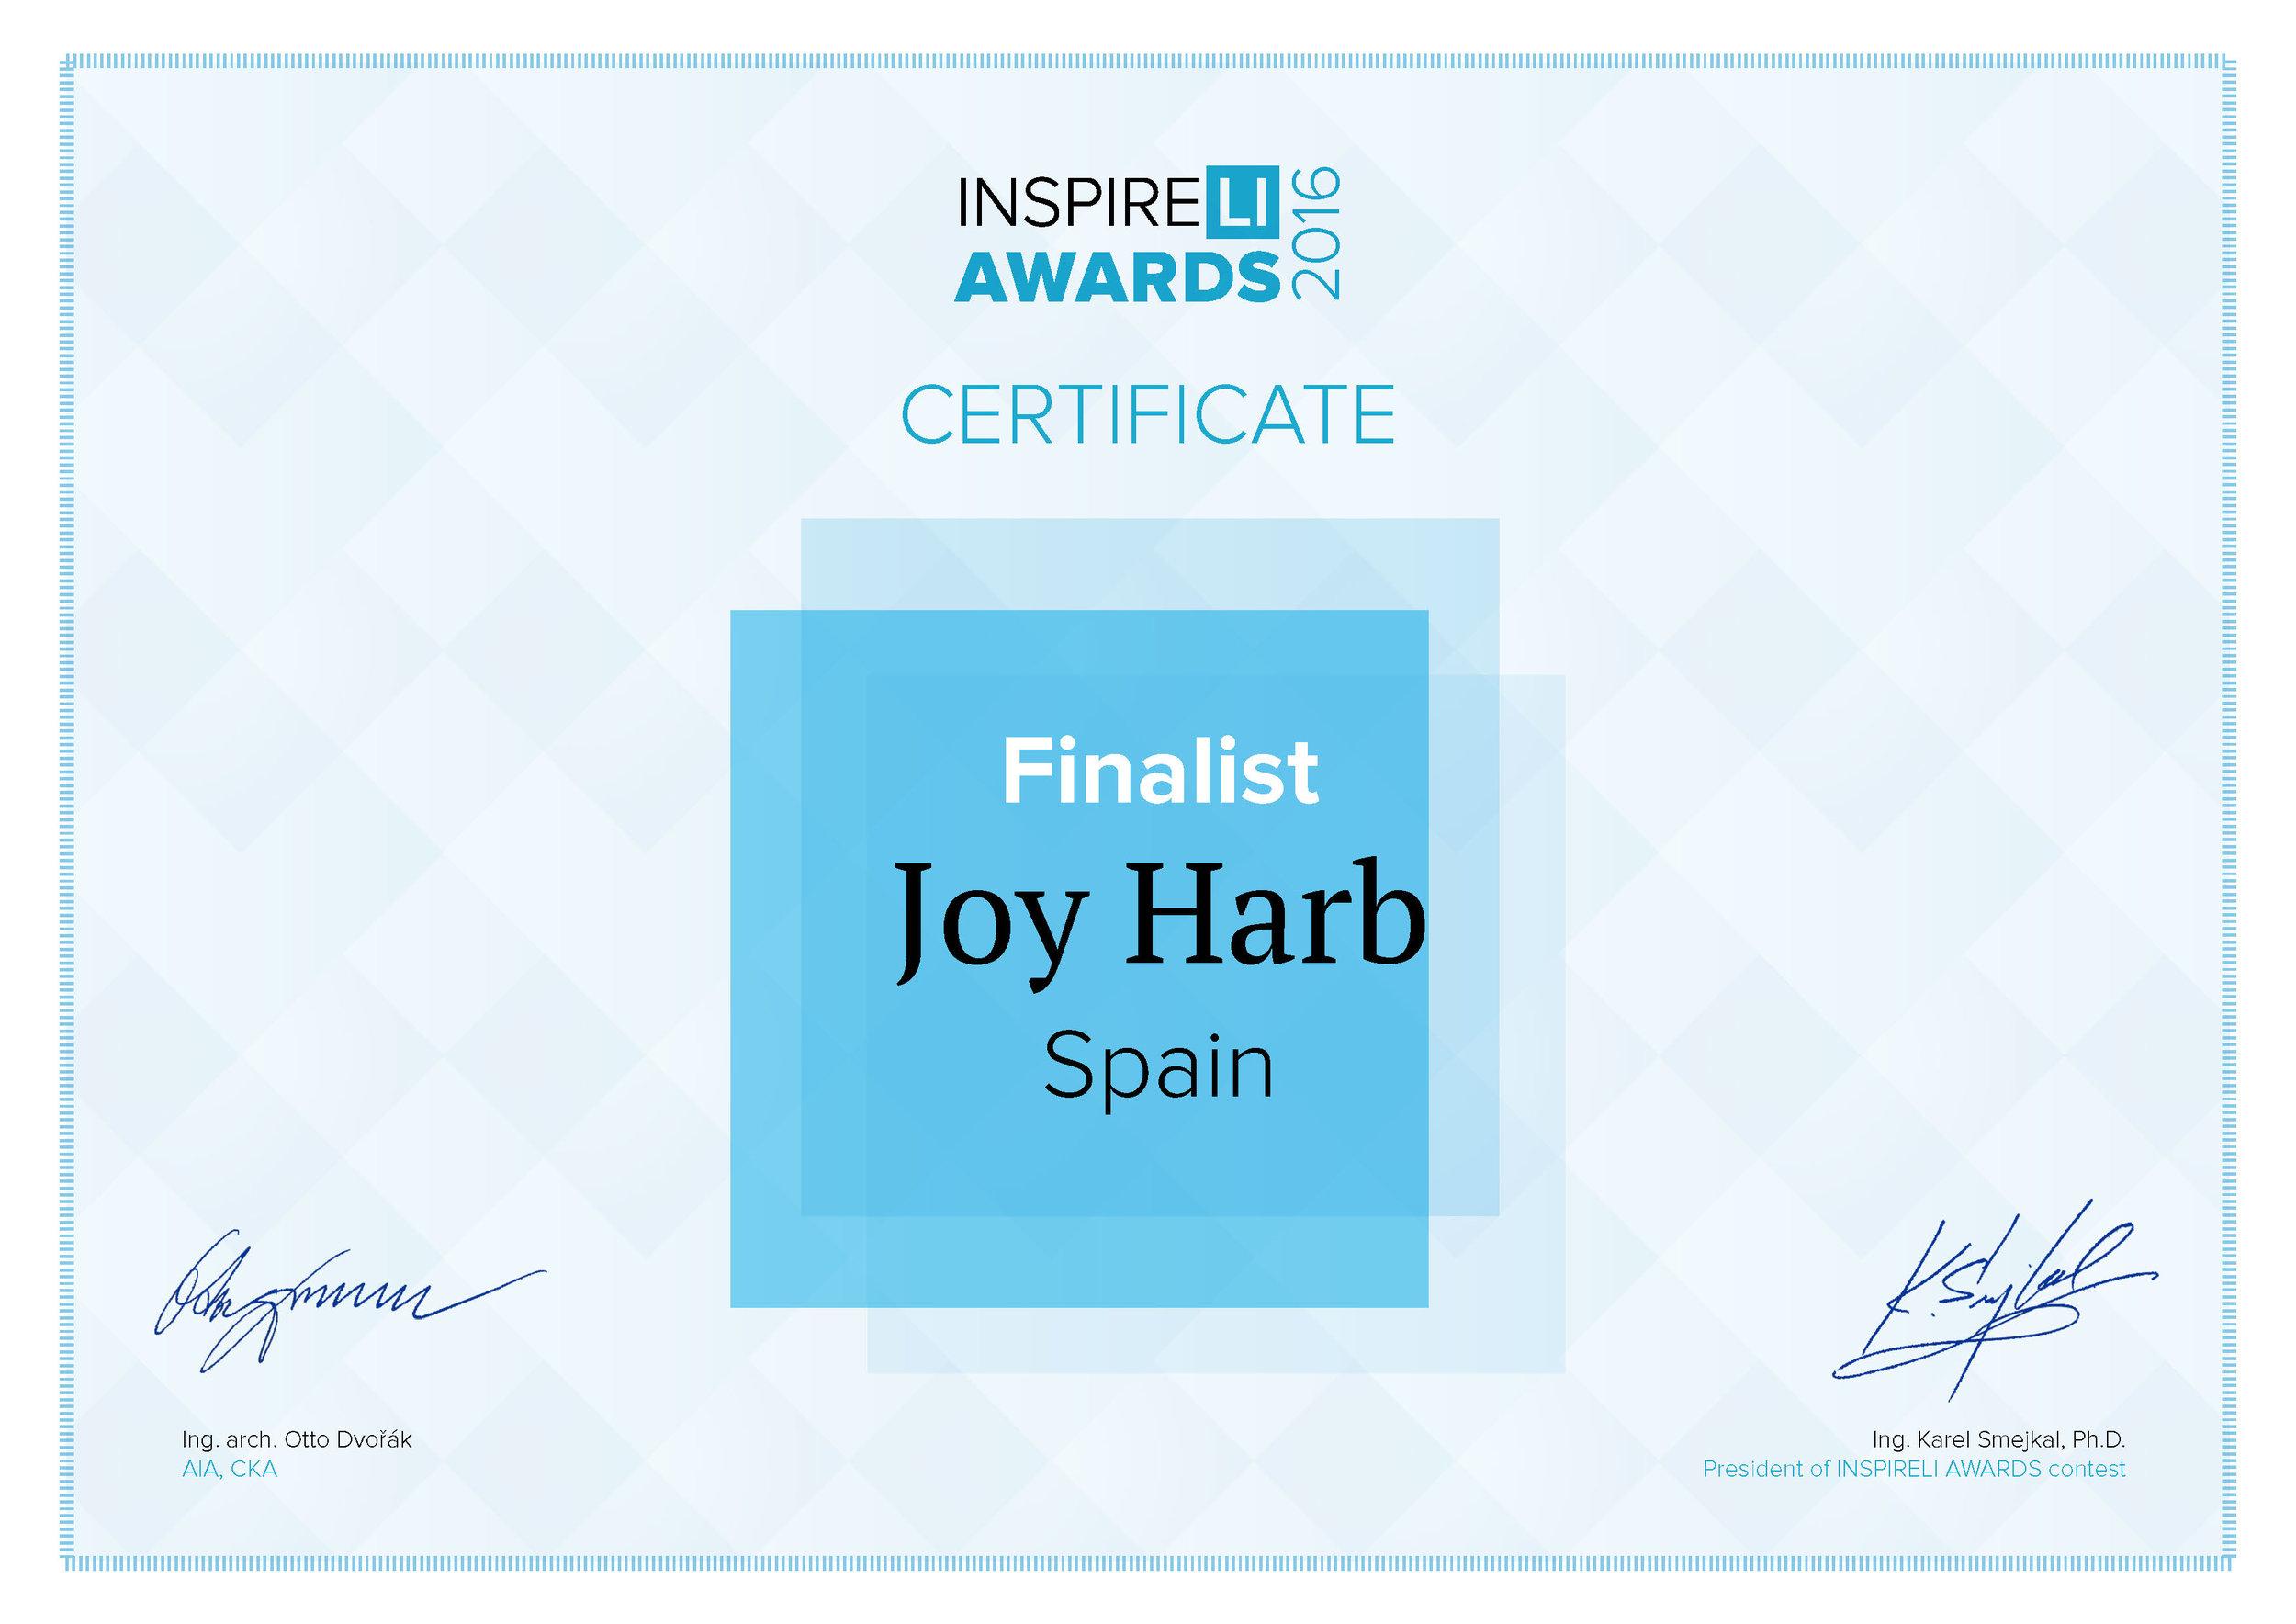 INSPIRELI AWARDS 2016 CERTIFICATE.jpg